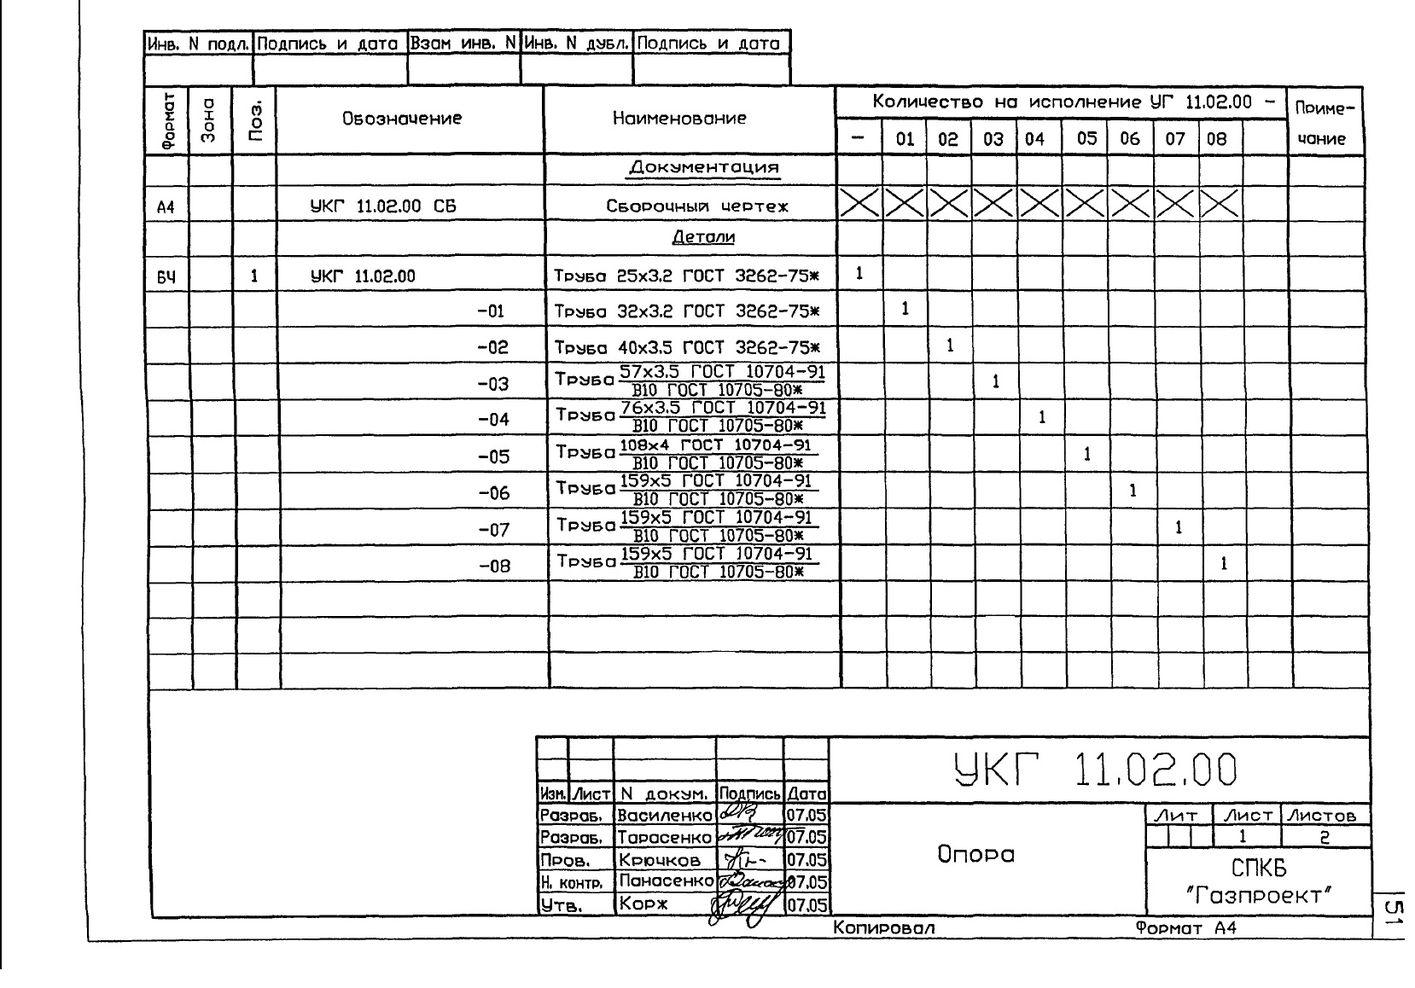 Крепление газопровода на опоре из труб УКГ 11.00 СБ серия 5.905-18.05 выпуск 1 стр.11